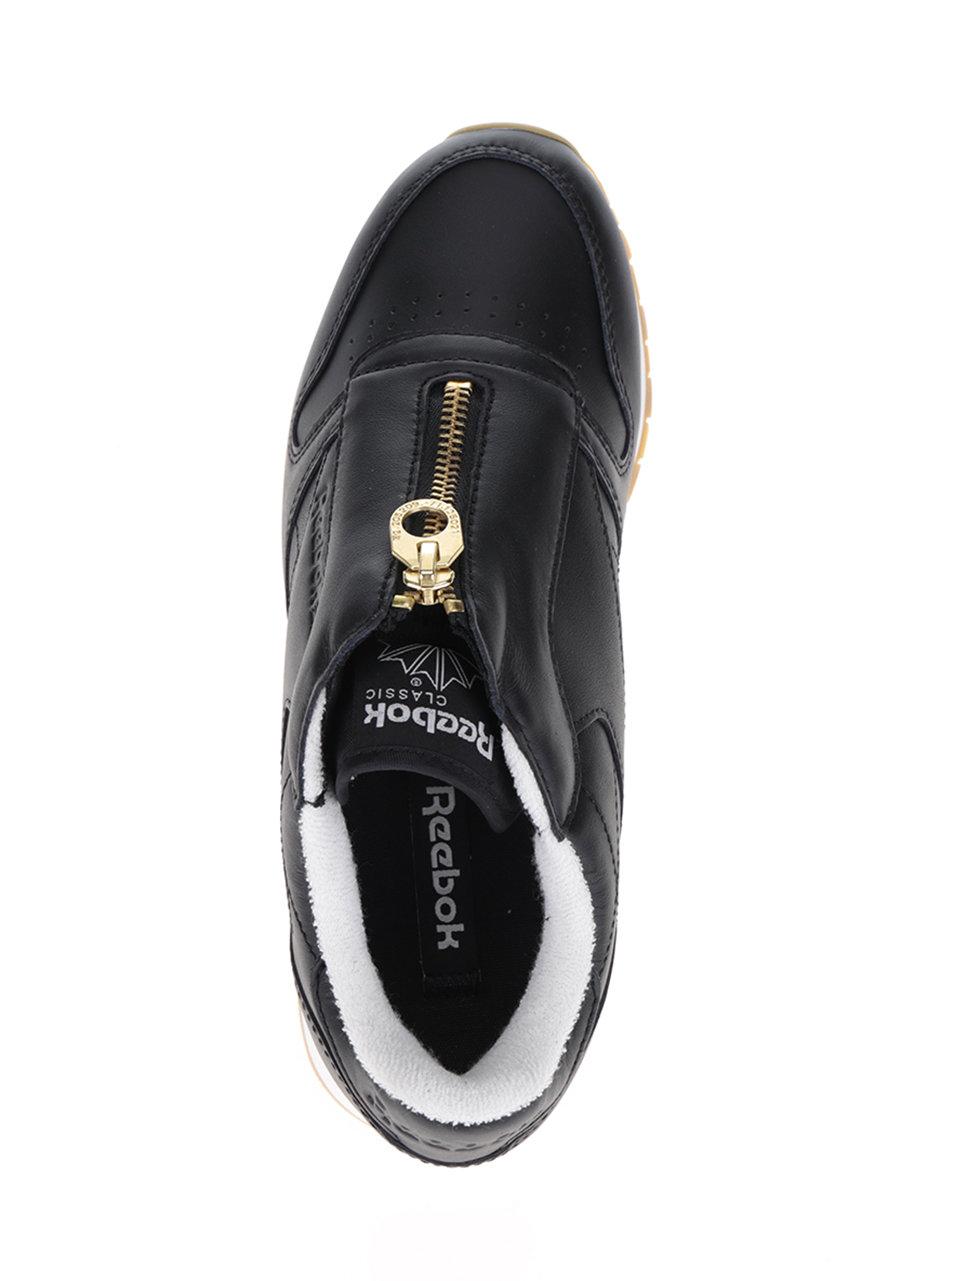 ff67a0cf2d Čierne dámske tenisky so zipsom v zlatej farbe Reebok ...